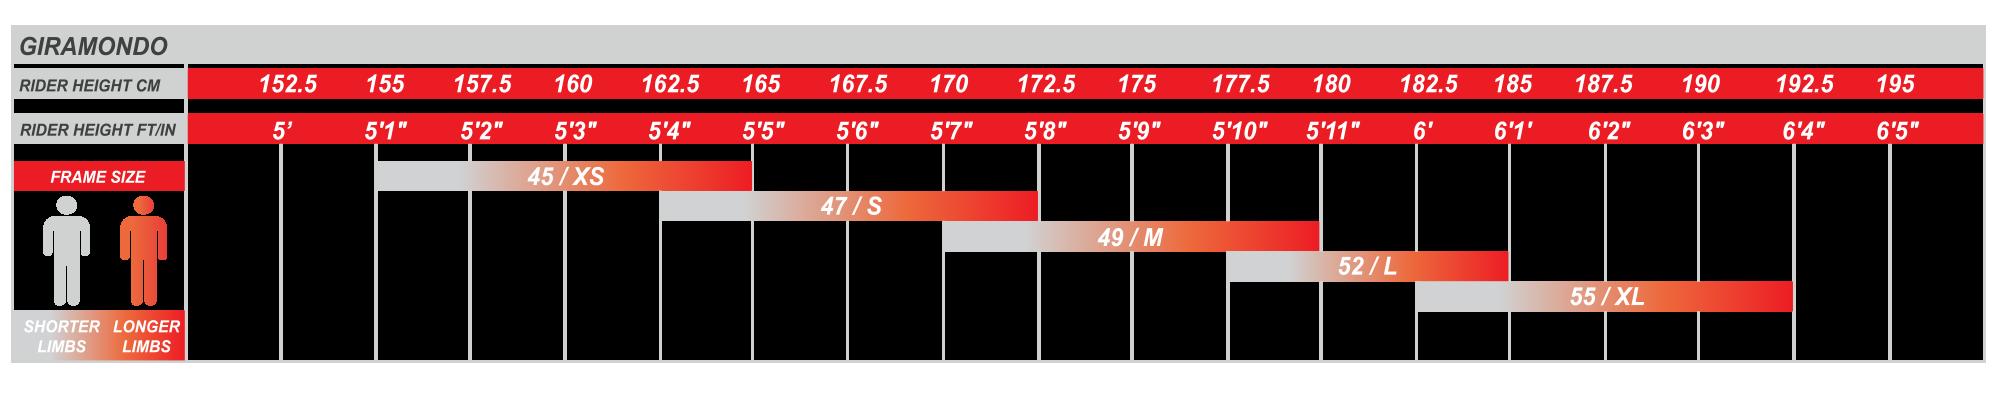 geo-size-chart-giramondo-2018.png